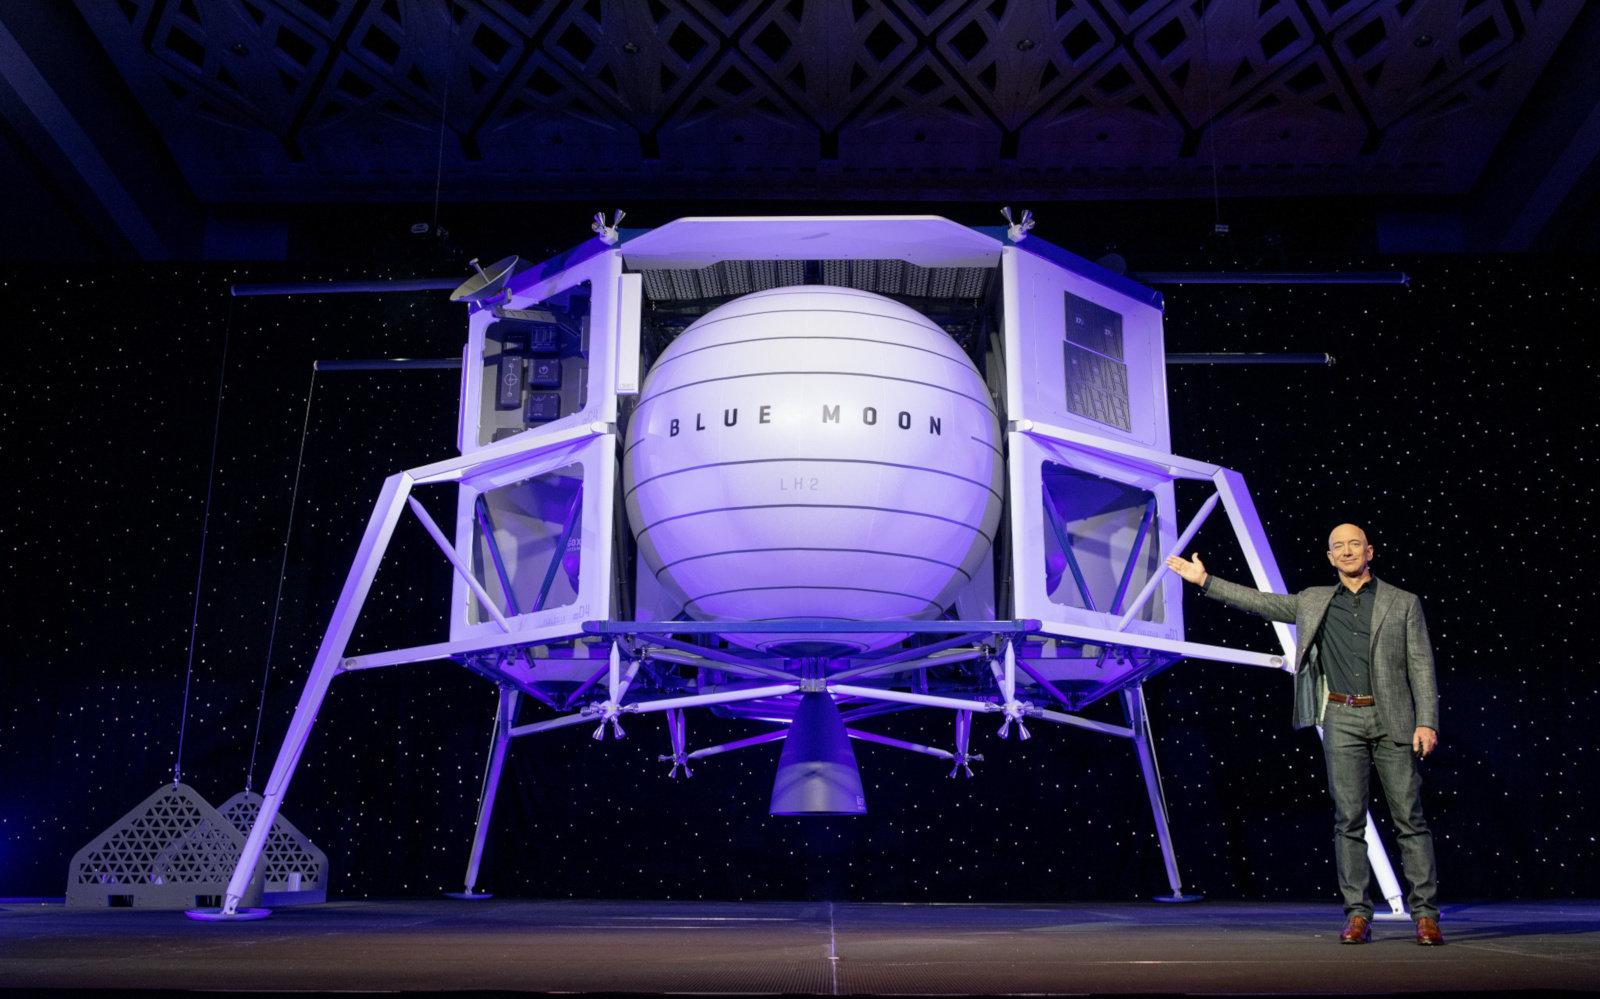 Лунный посадочный модуль компании Blue Origin протестируют в 2019 году